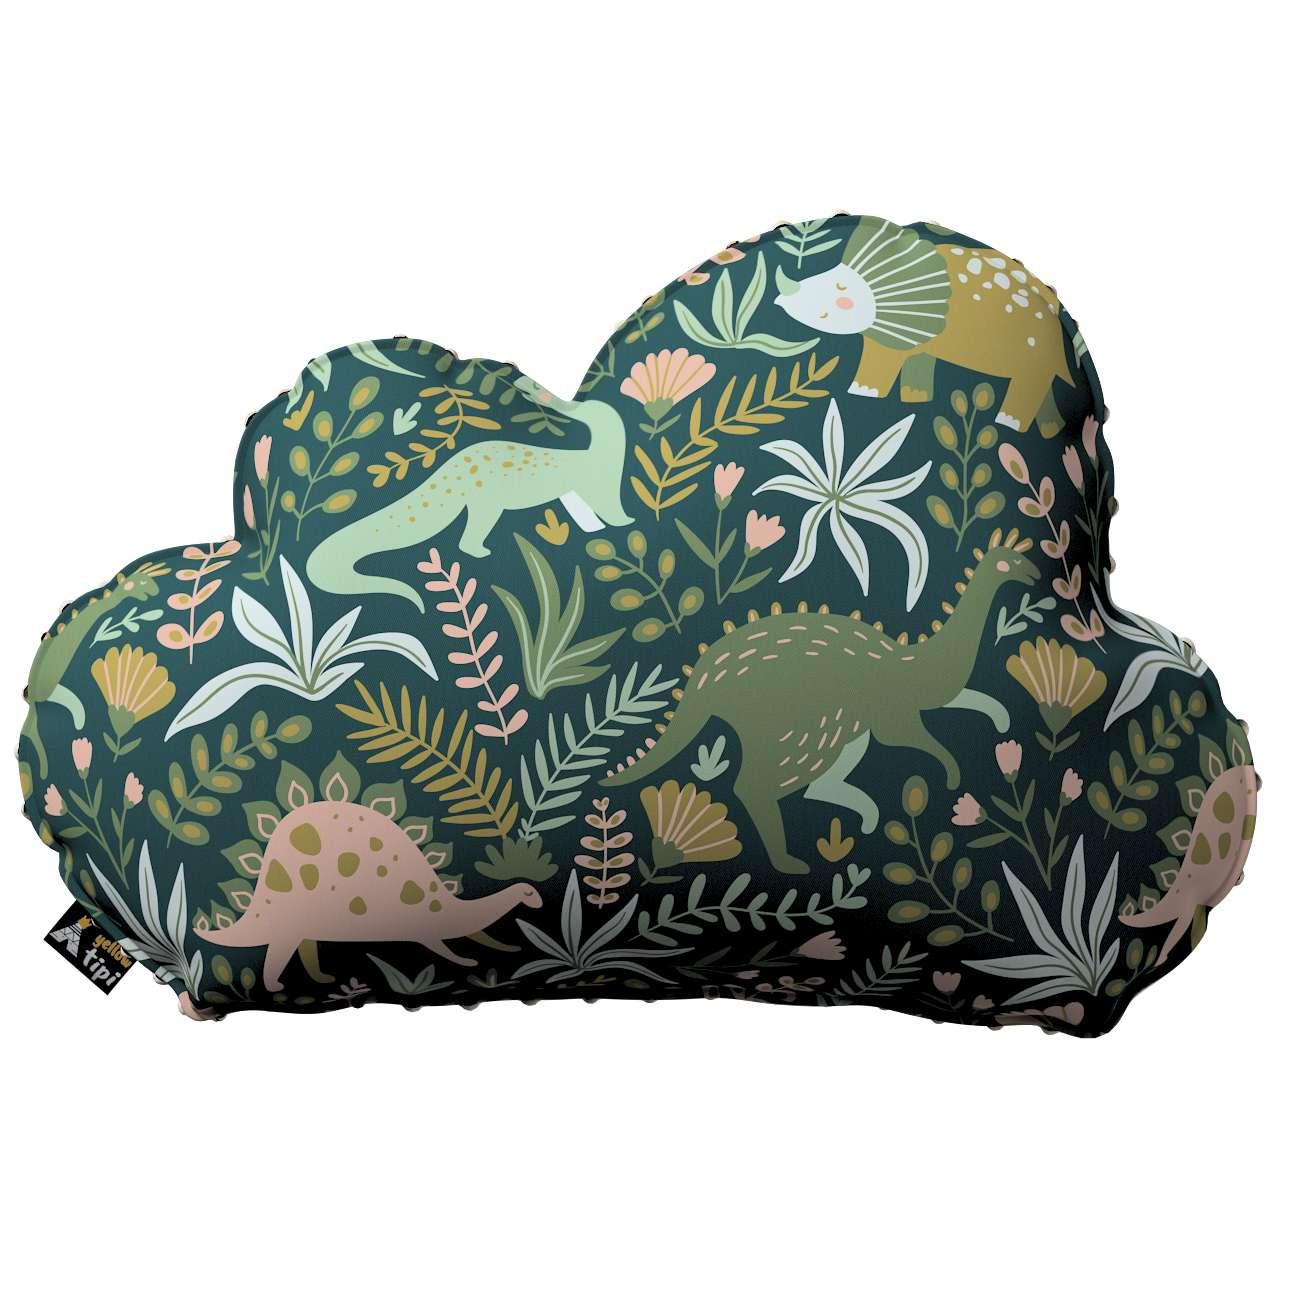 Soft Cloud pagalvėlė kolekcijoje Magic Collection, audinys: 500-20